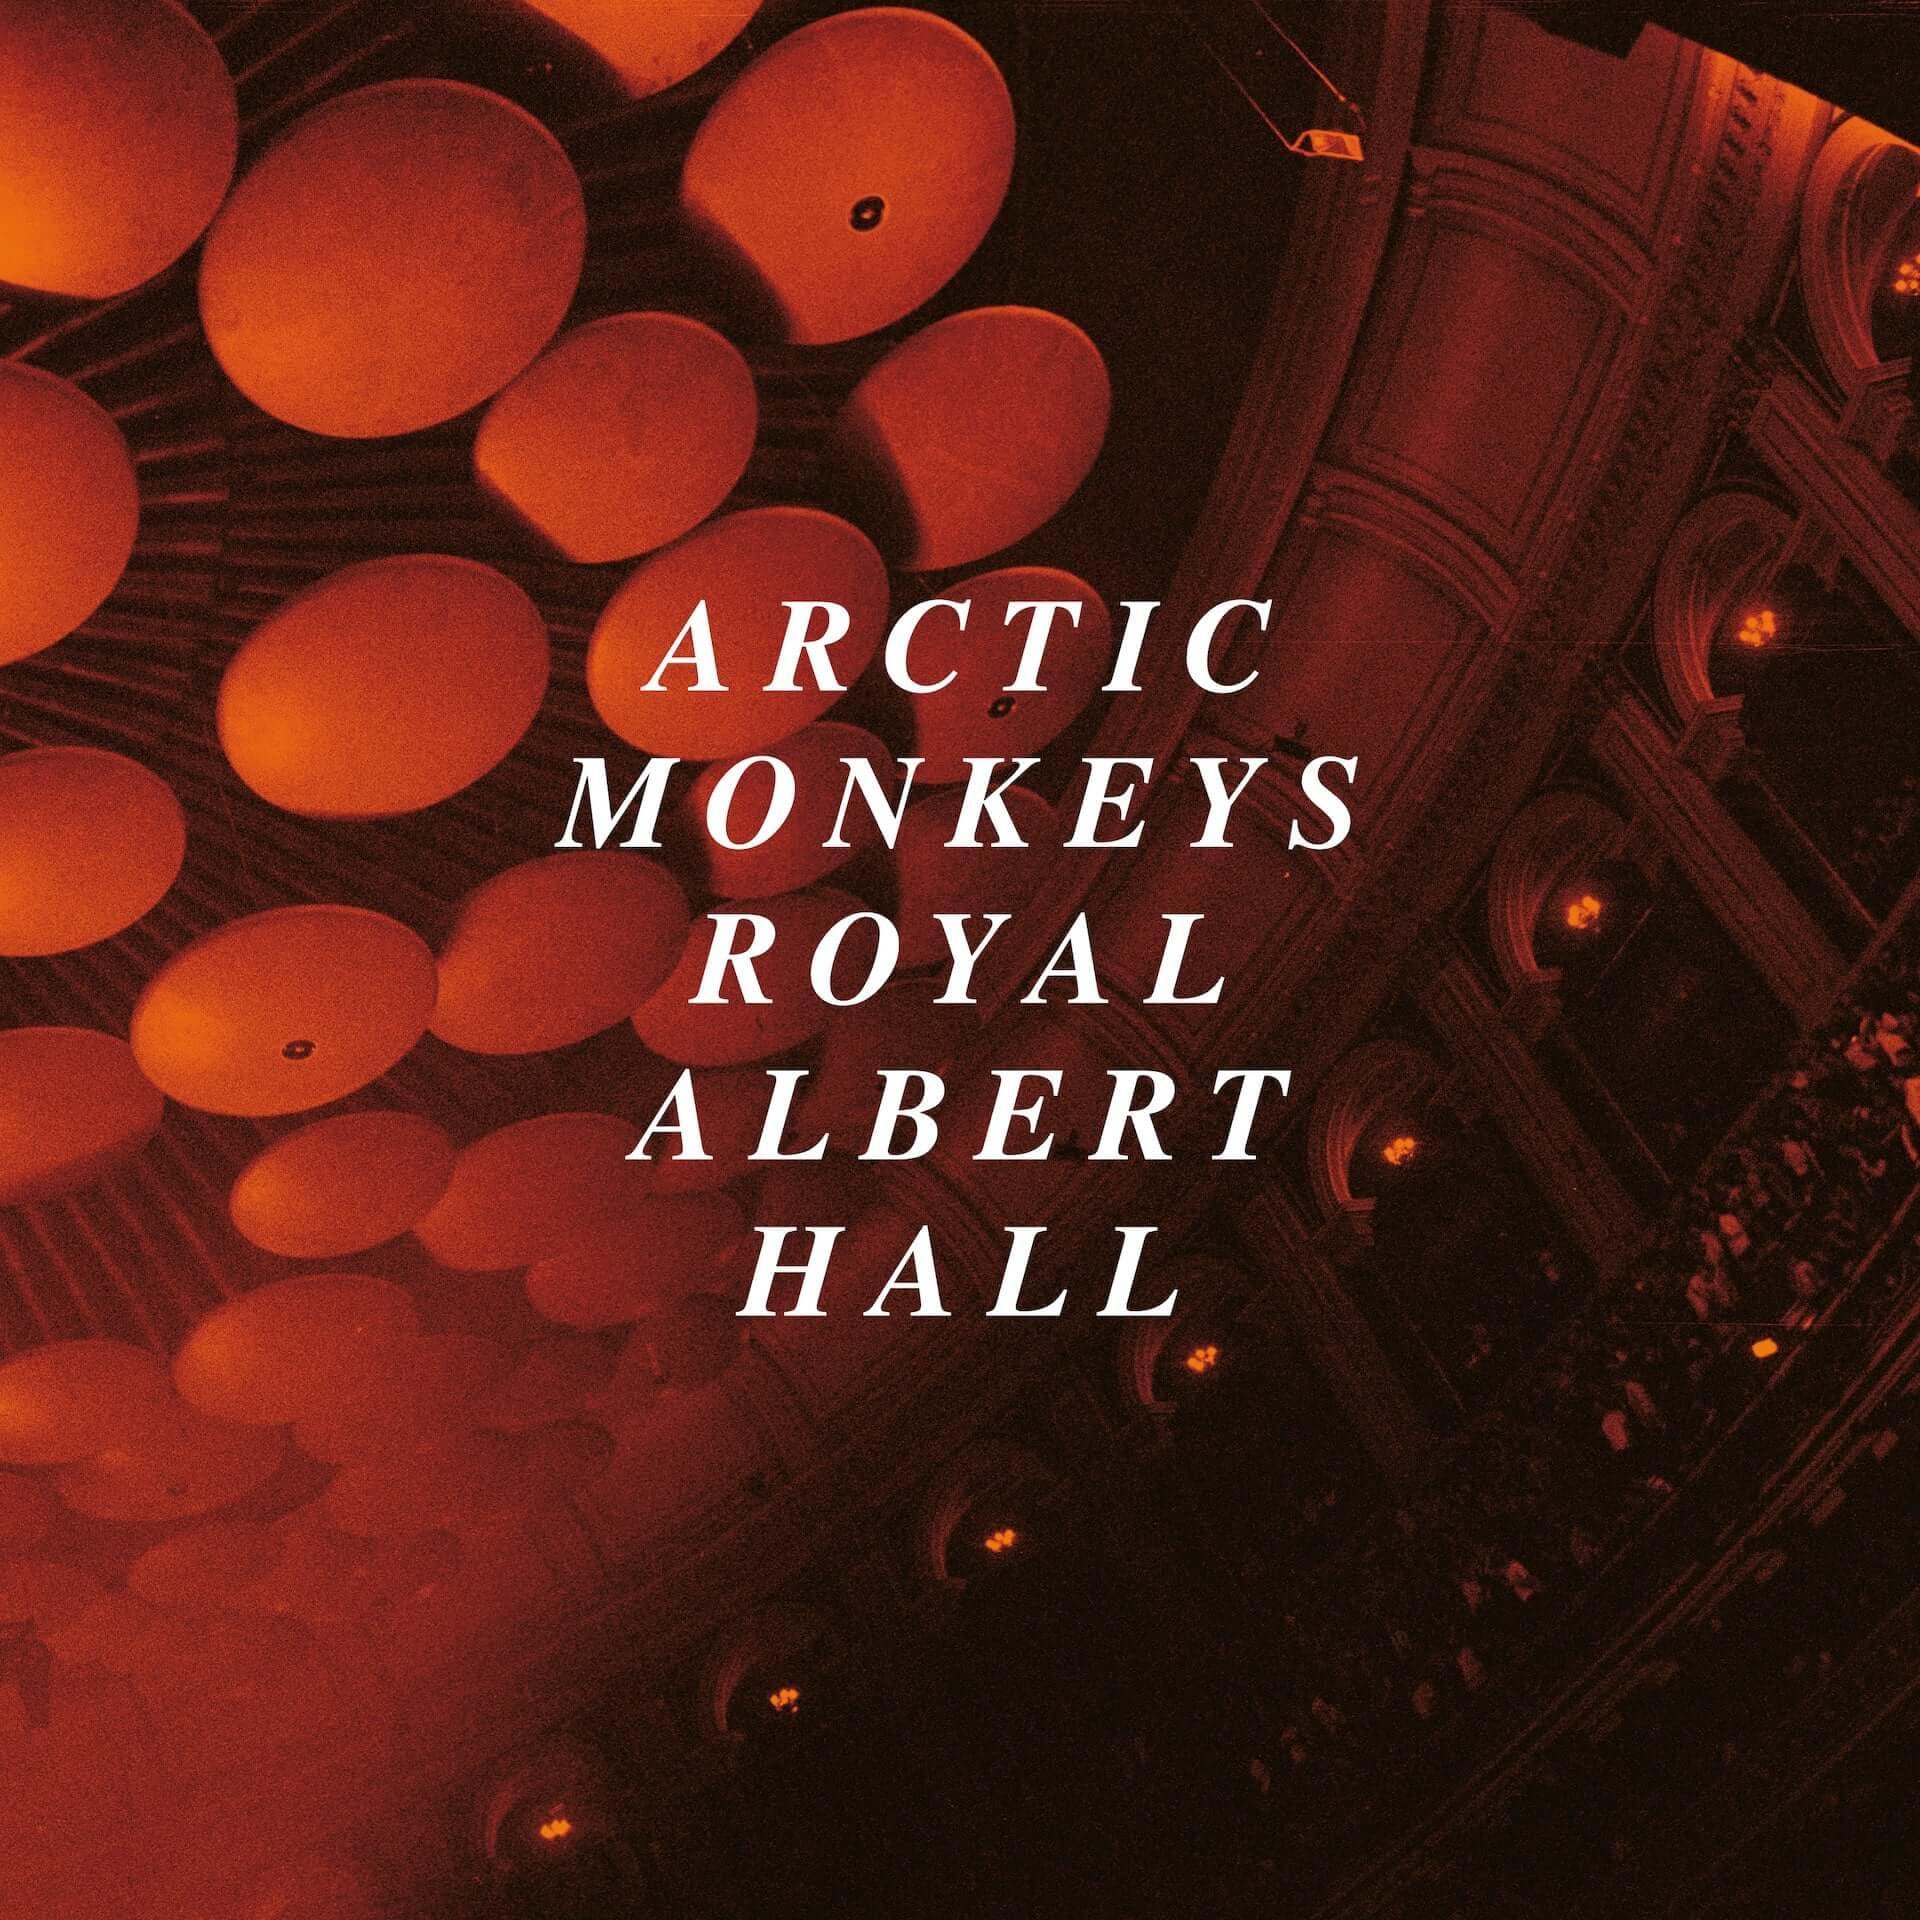 """Arctic Monkeysの最新ライブアルバム『Live At The Royal Albert Hall』より""""Arabella""""のライブ映像が公開!舞台裏の様子も収録 music201203_arctic-monkeys_4-1920x1920"""